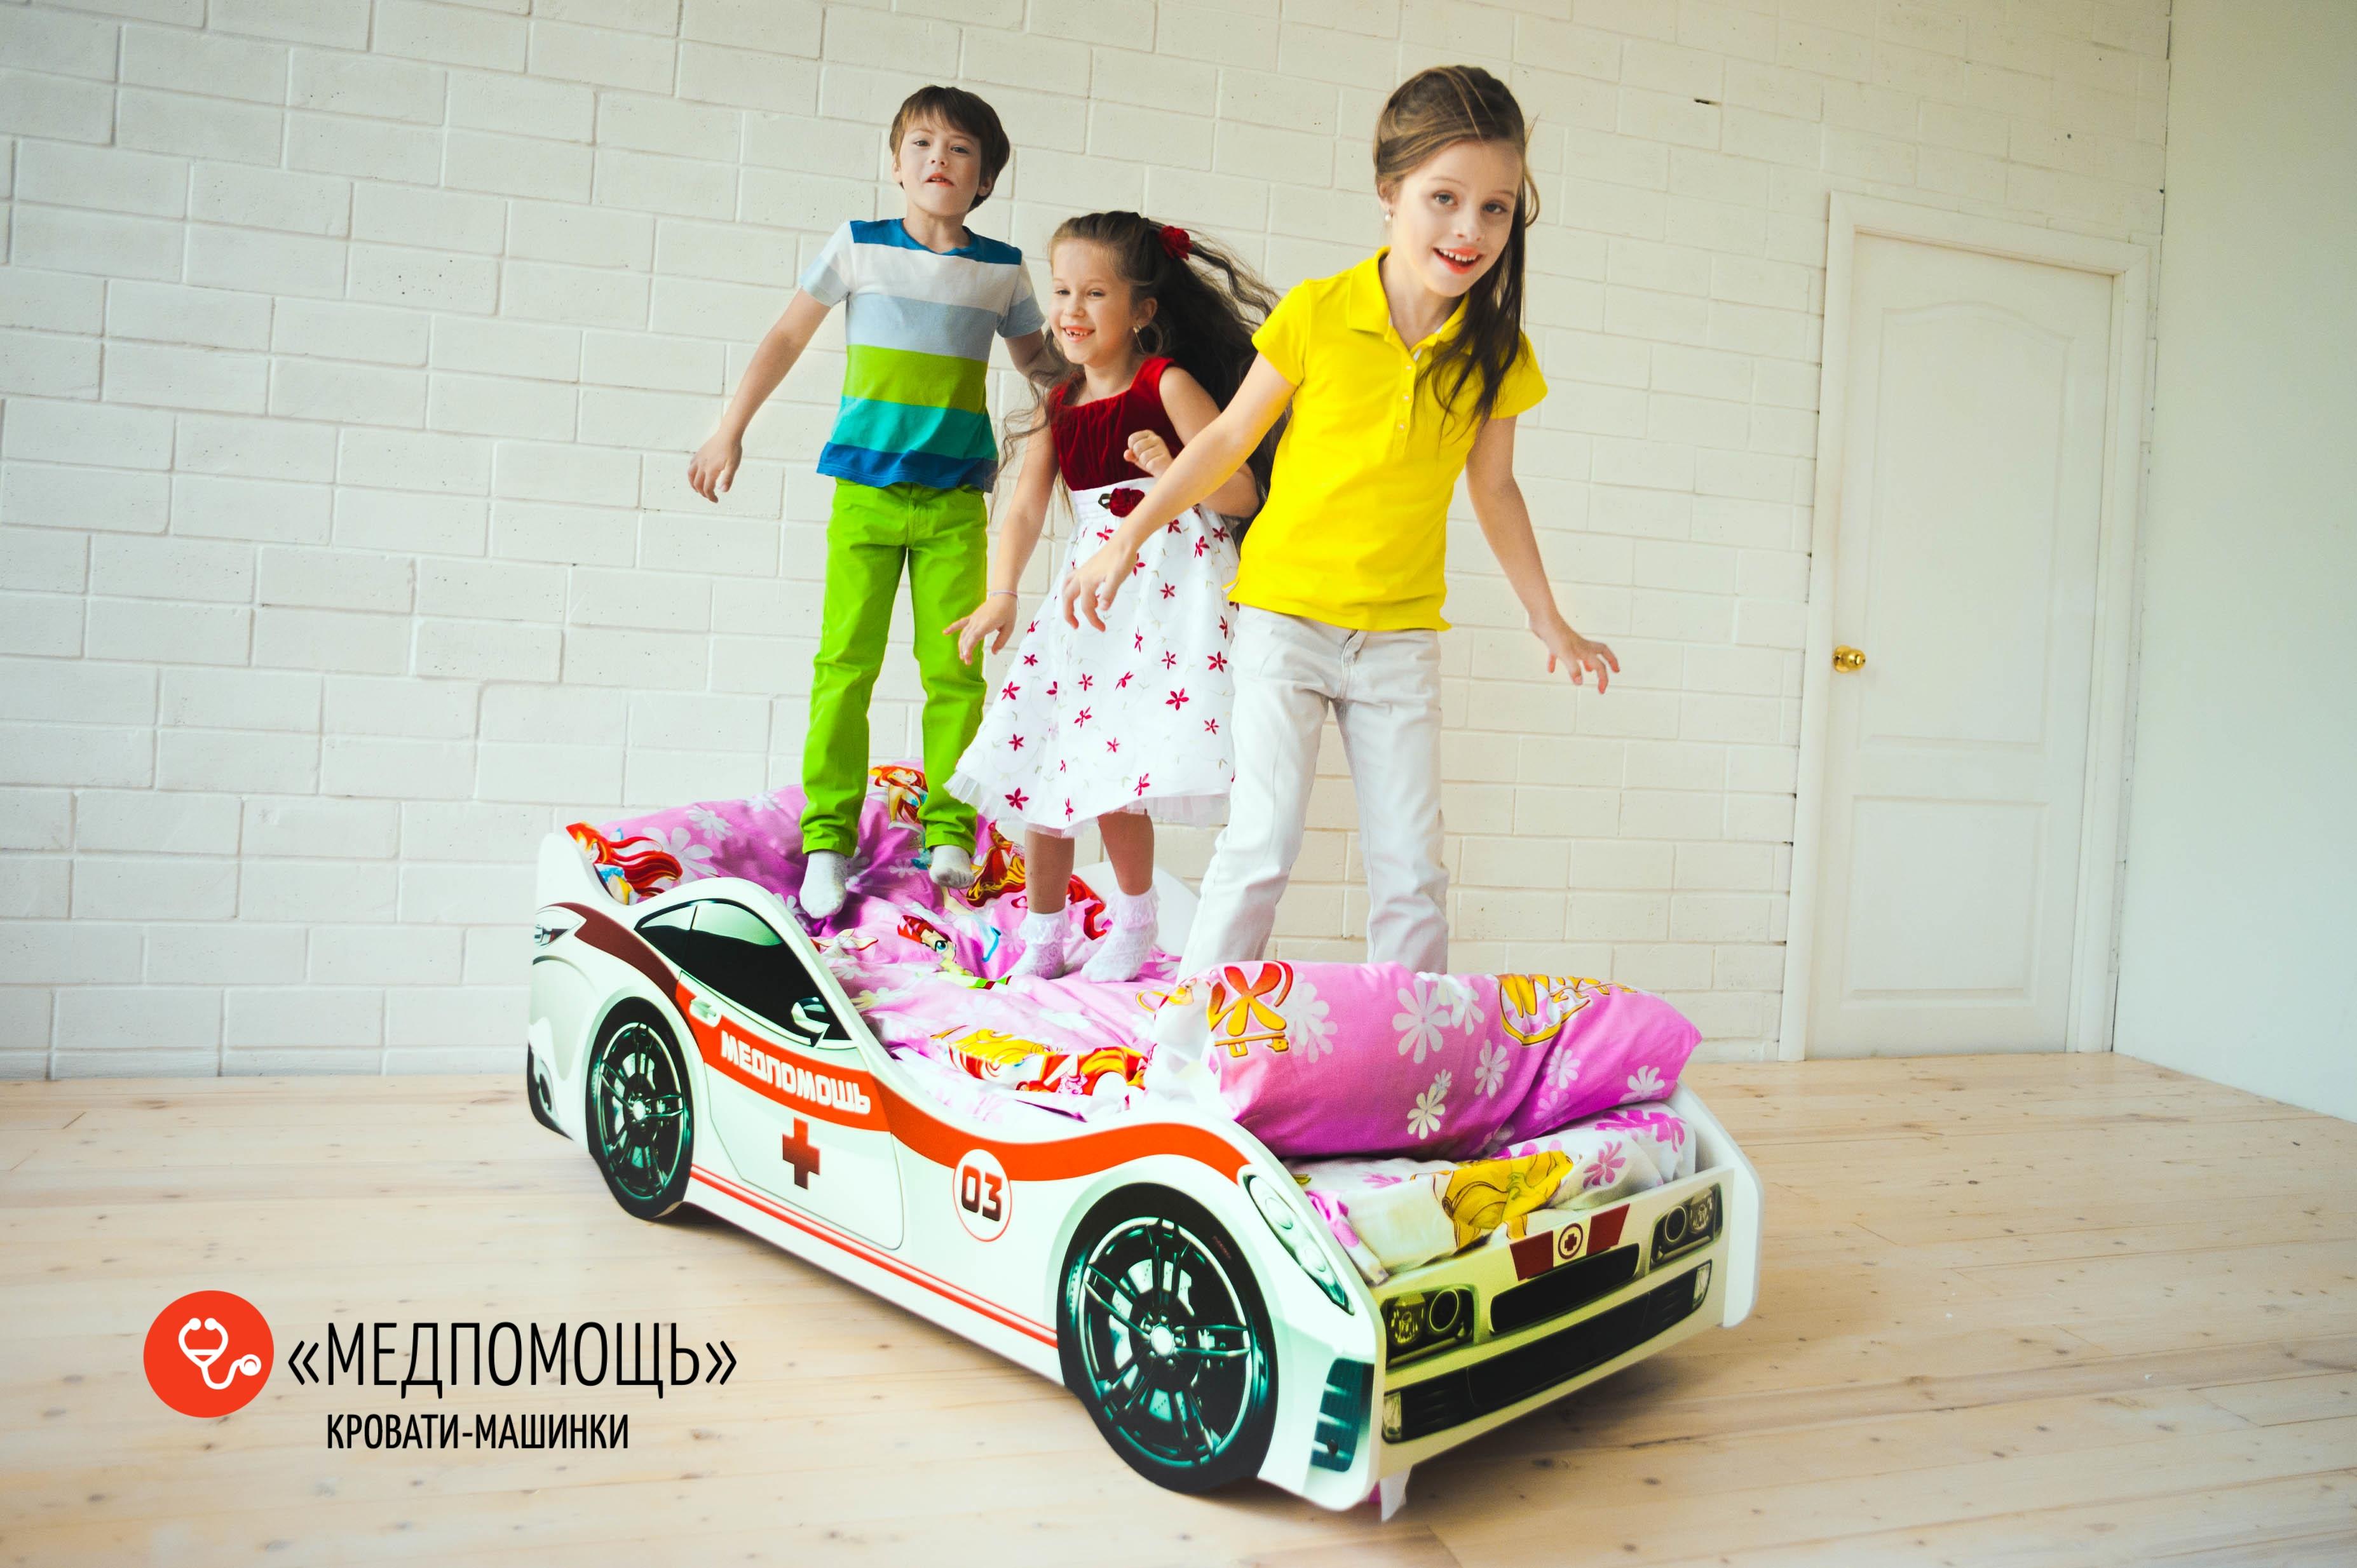 Детская кровать-машина -Медпомощь-5